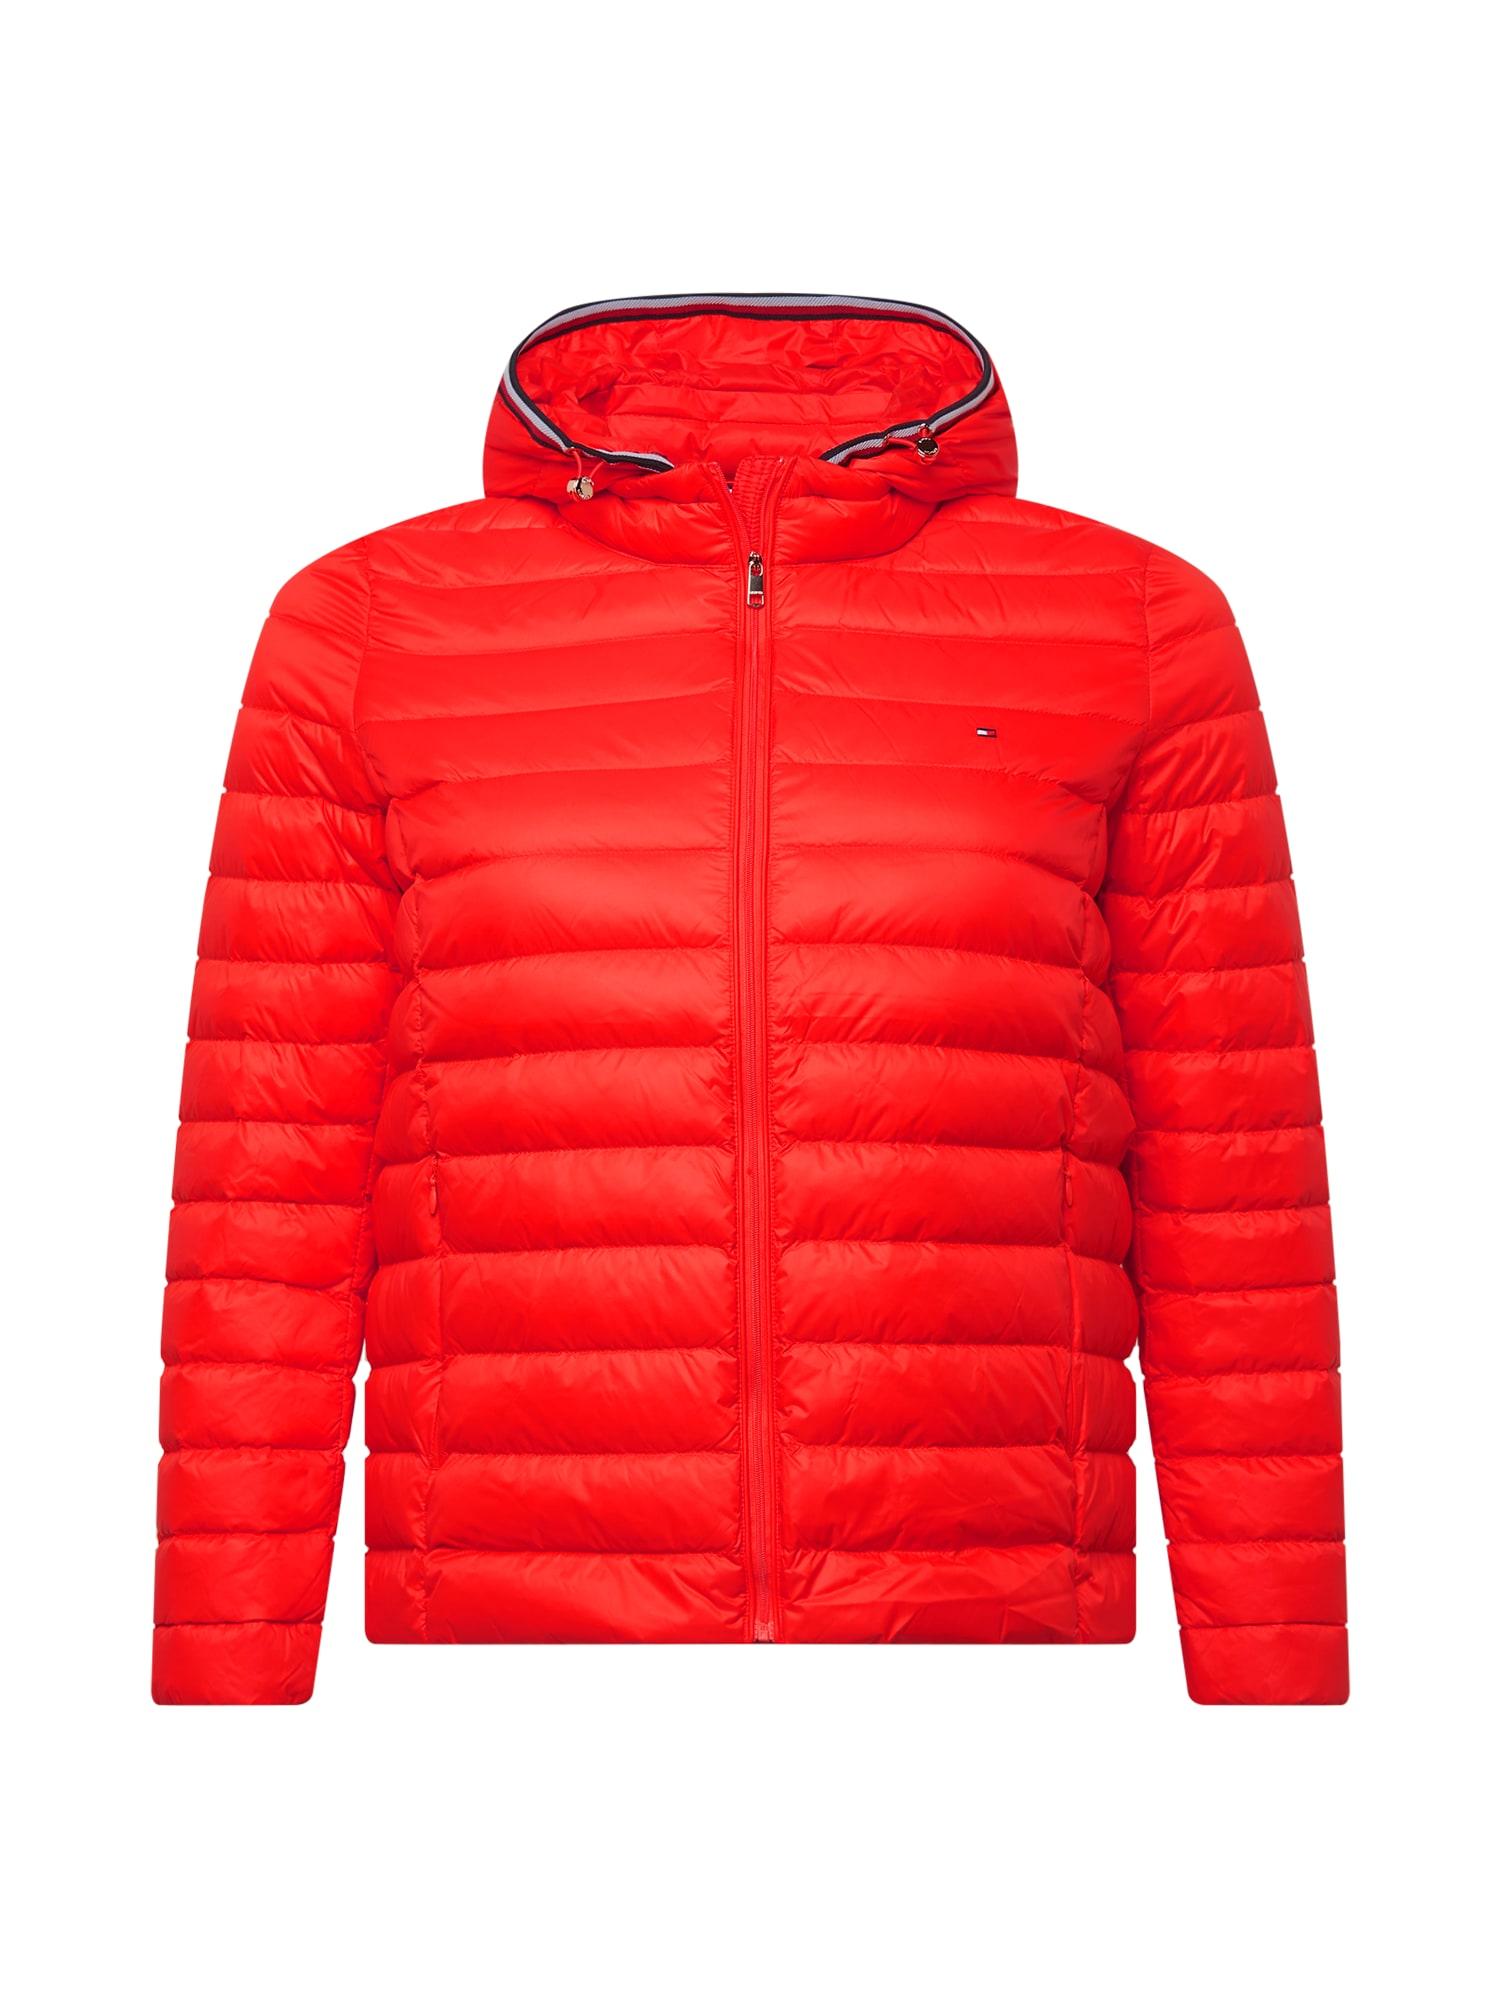 Tommy Hilfiger Curve Demisezoninė striukė oranžinė-raudona / balta / tamsiai mėlyna / raudona